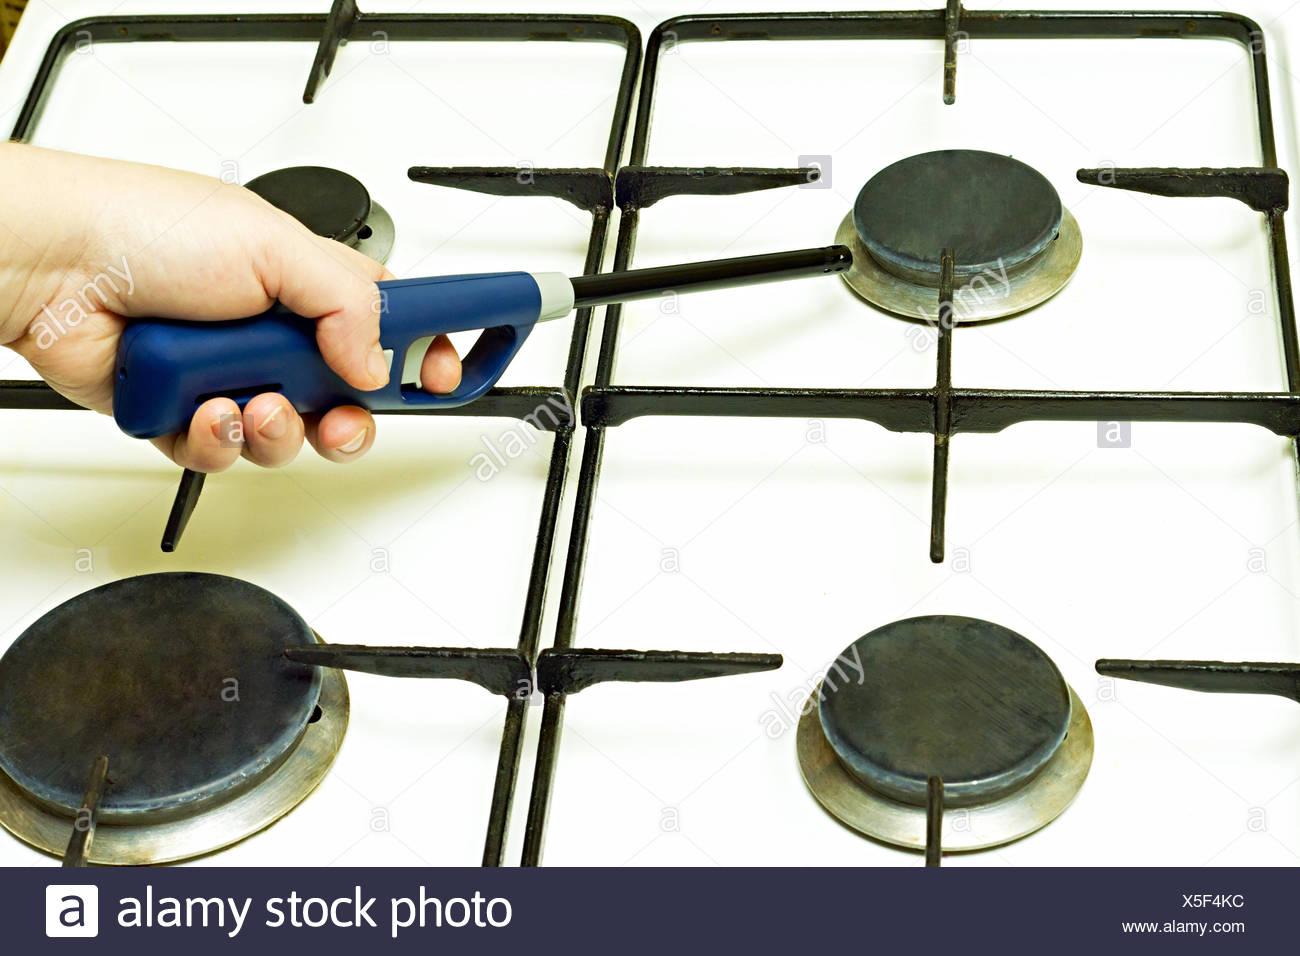 Lighter gas burner ignites - Stock Image